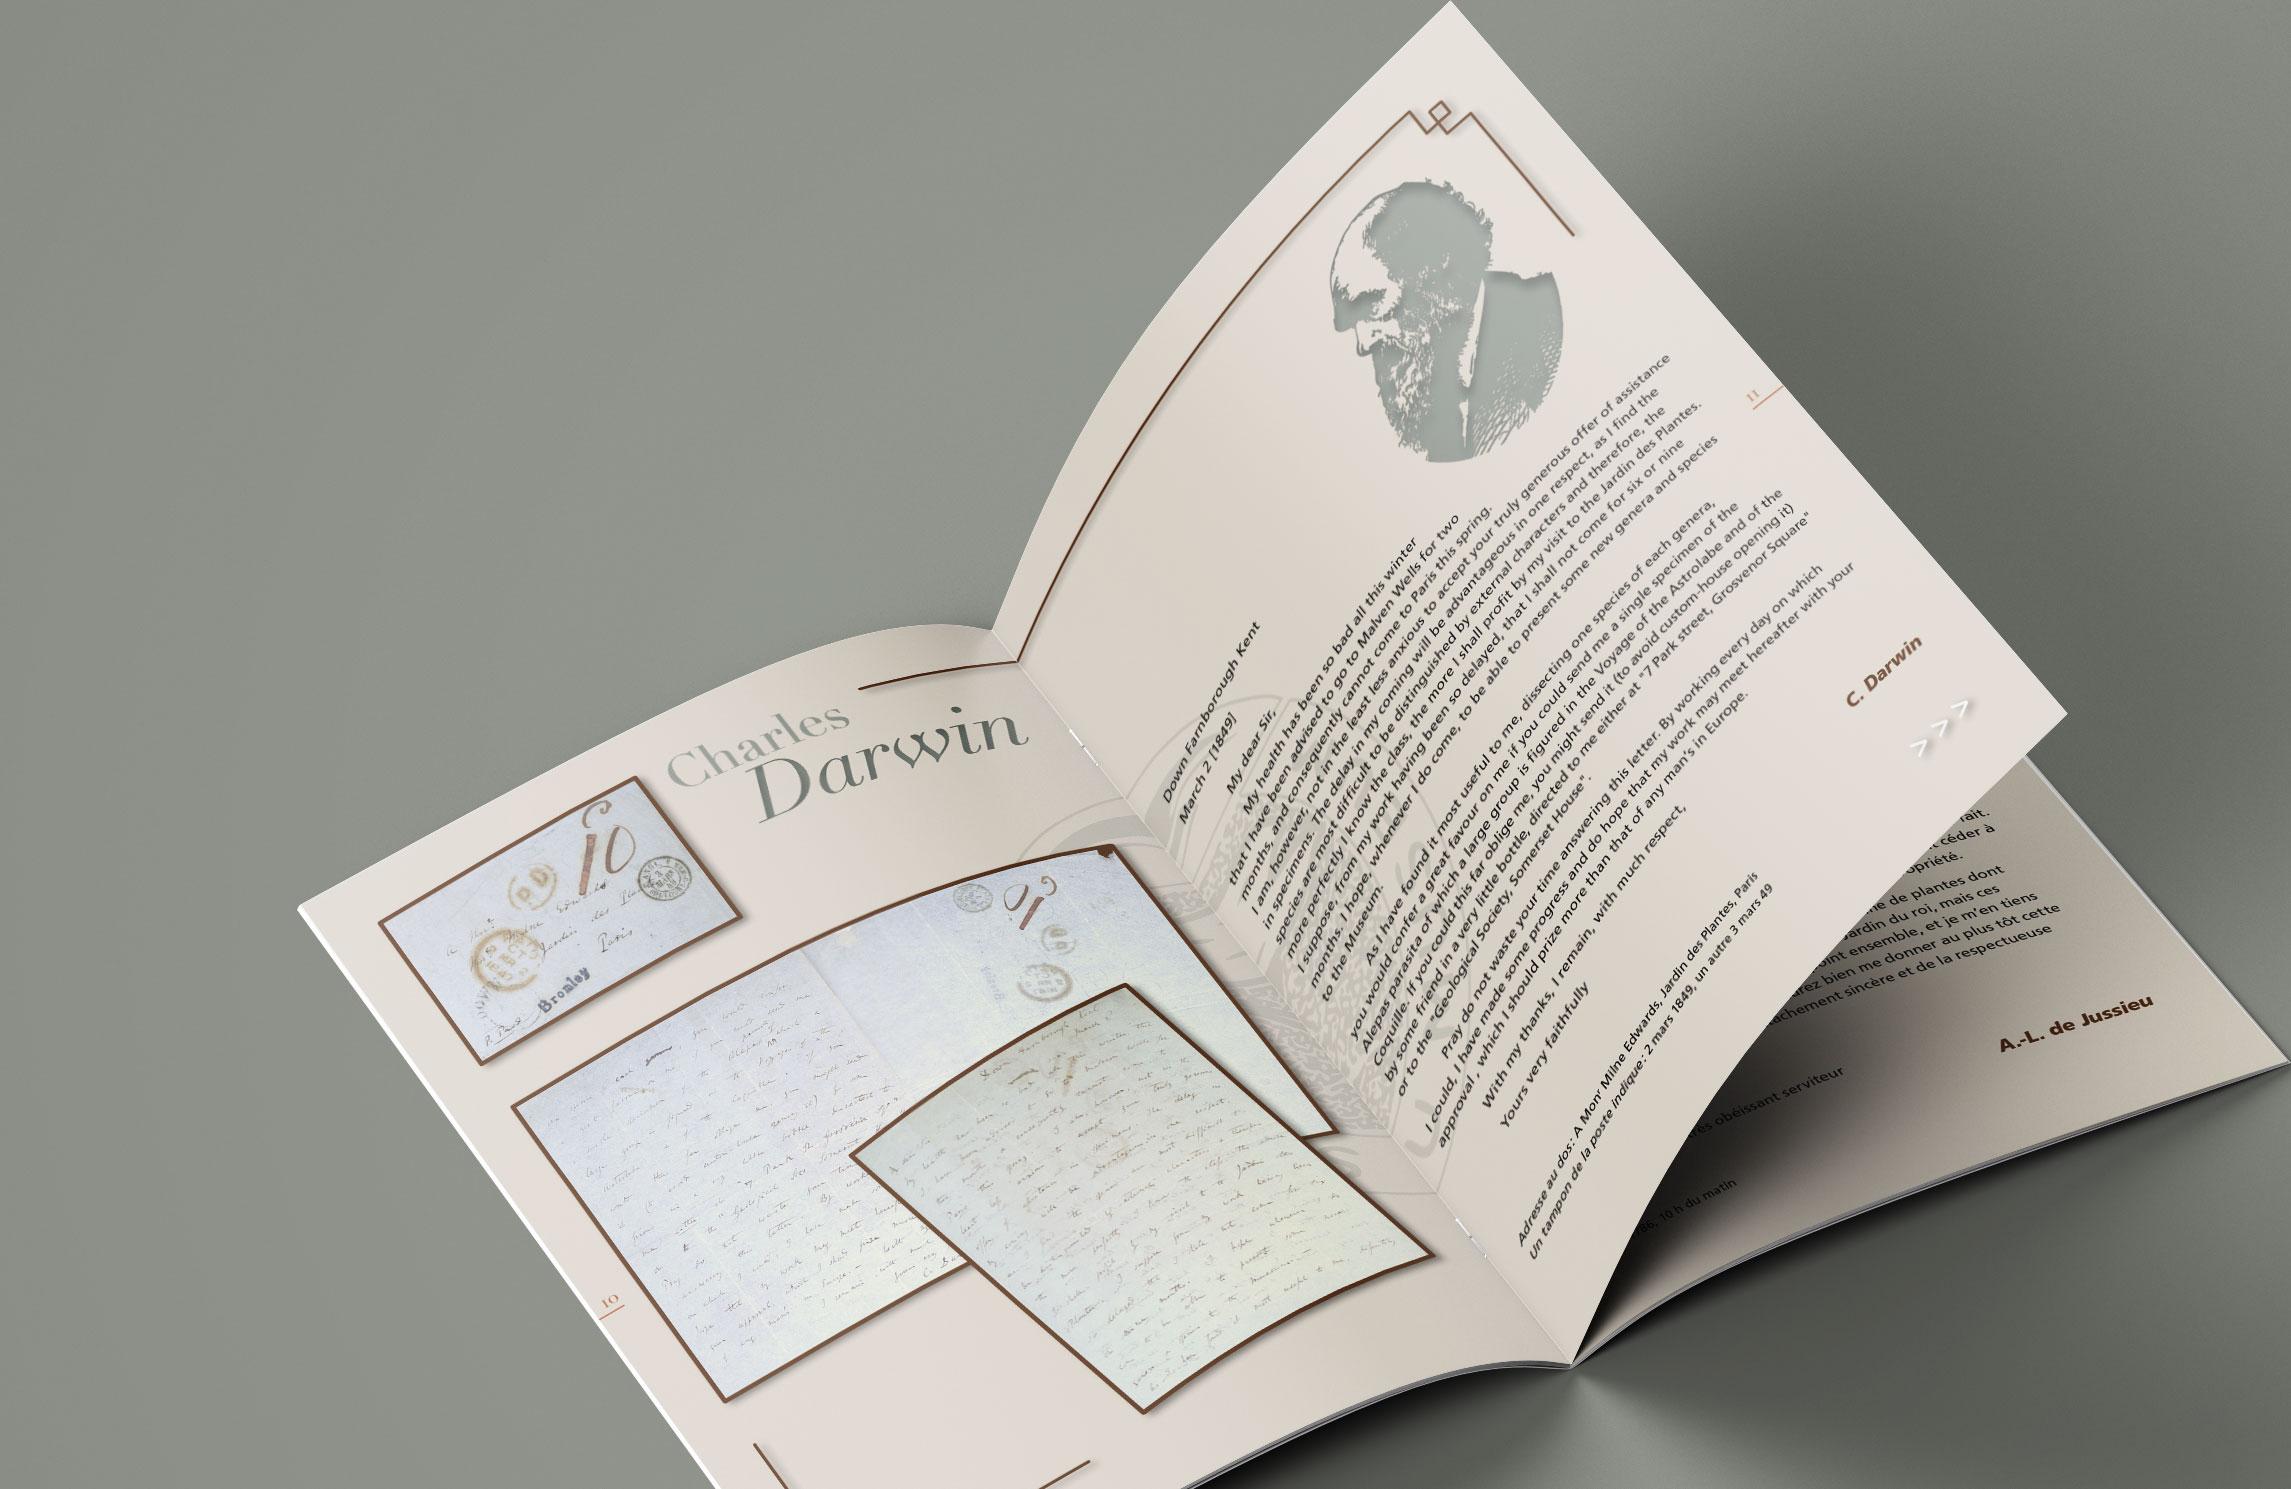 Brochure pour LES AMIS DU MUSÉUM D'HISTOIRE NATURELLE DE PARIS. La société des Amis du Muséum a acquis des lettres originales de Charles Darwin, Antoine Laurent de Jussieu, et André Thouin au profit du Muséum d'Histoire Naturelle de Paris.